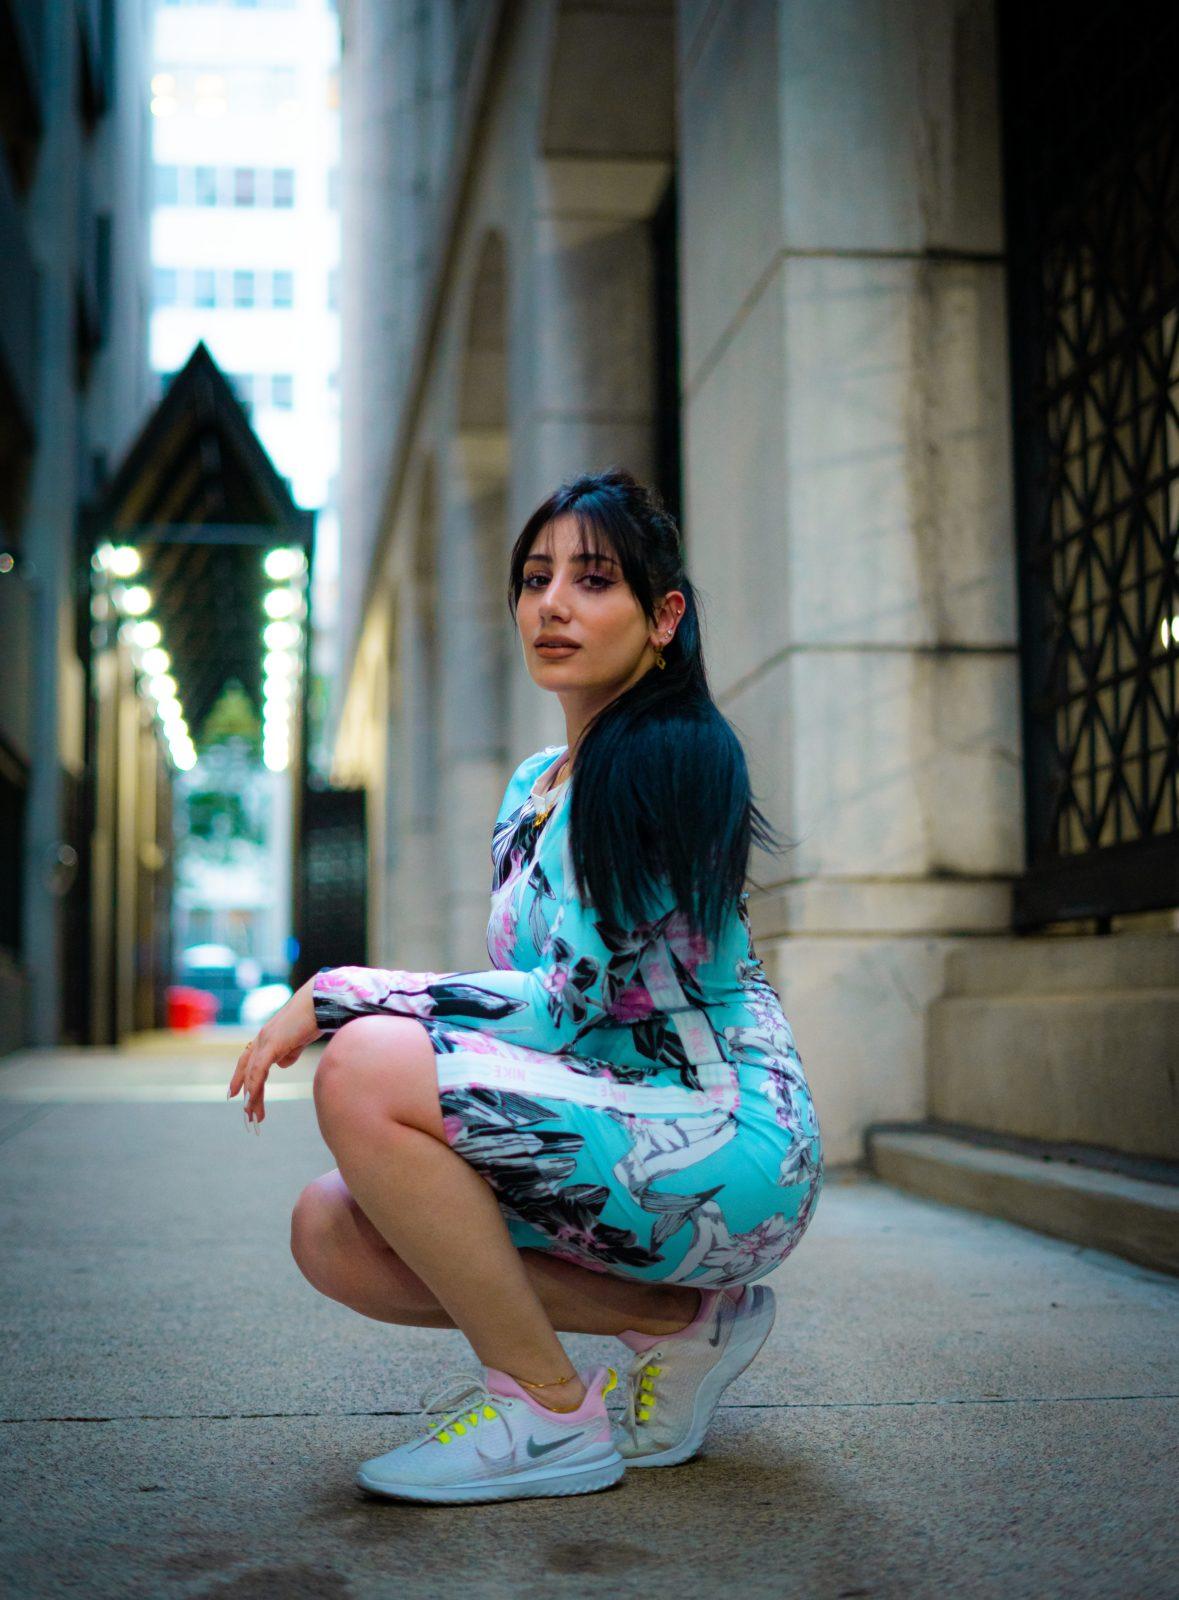 Femme portant le style vestimentaire répondant à la tendance Athleisure : robe moulante colorée et sneakers fluorescentes.